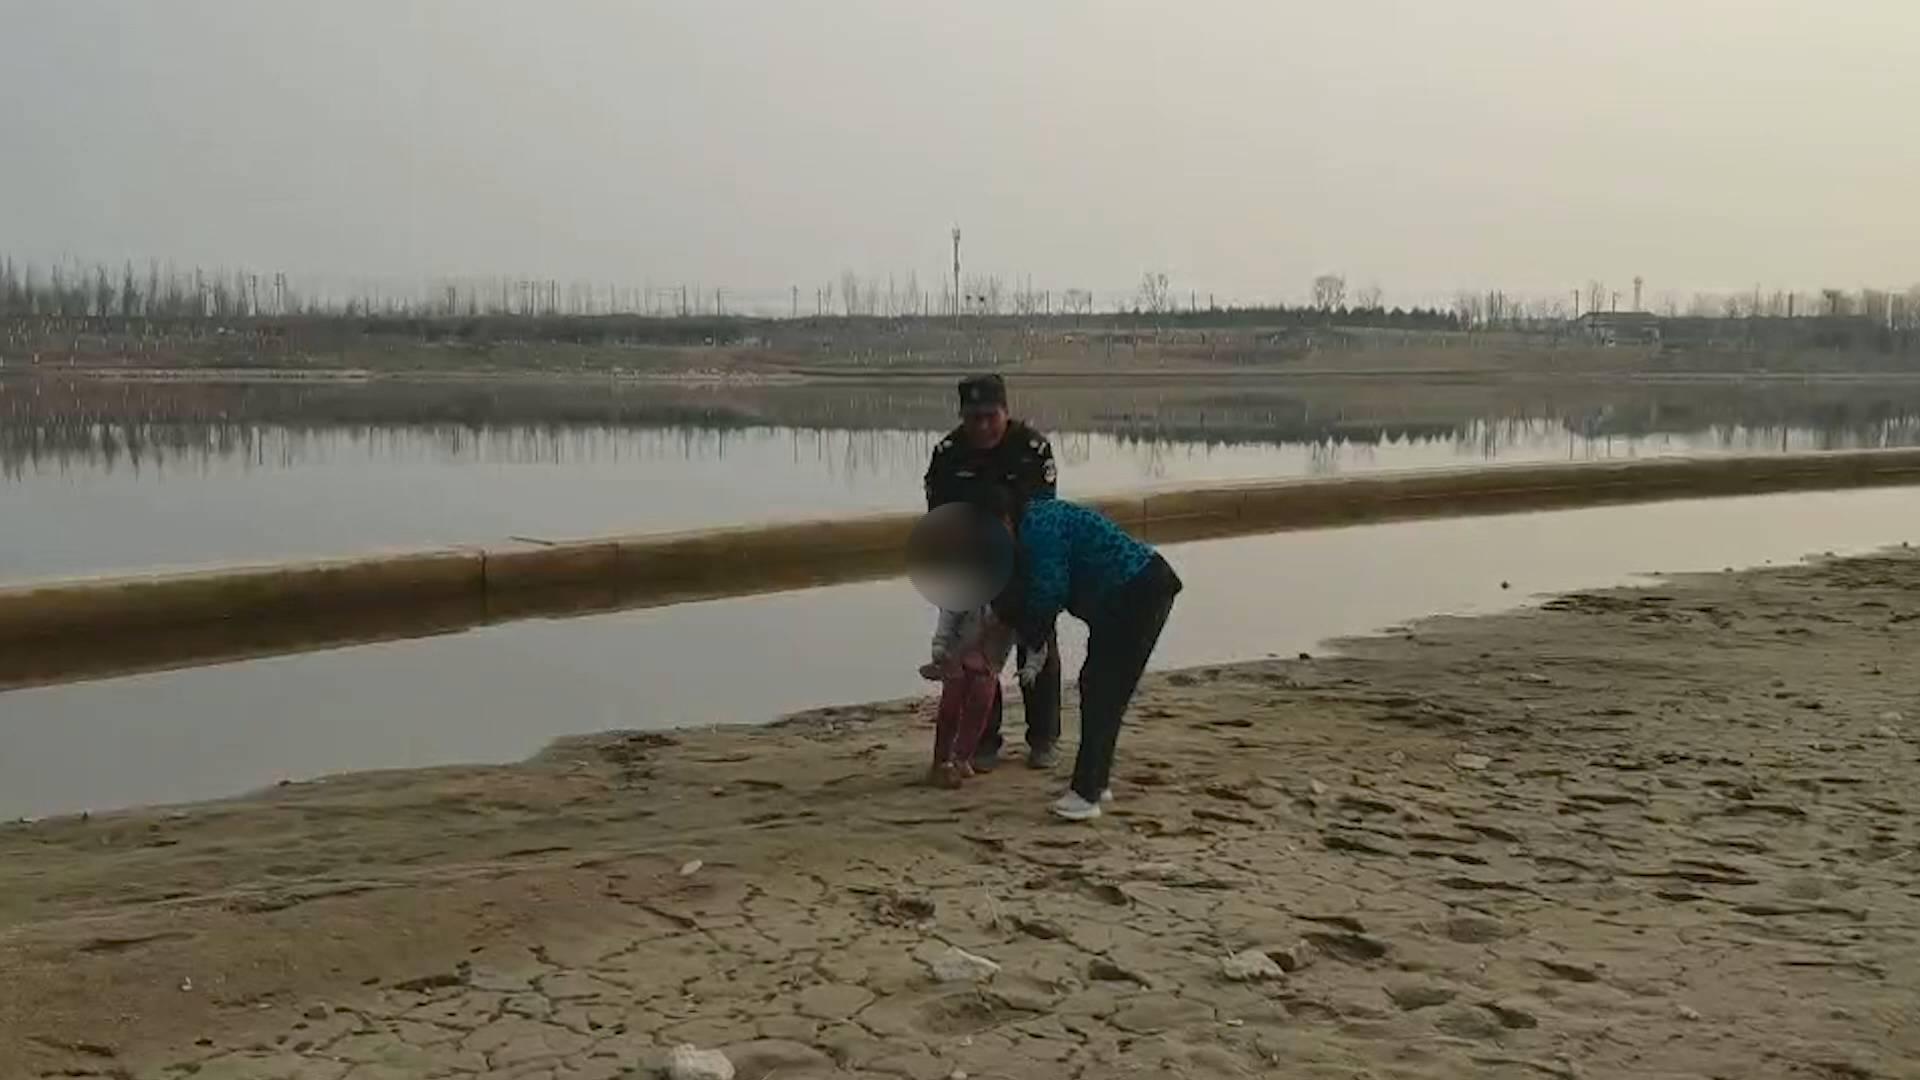 44秒丨淄博一男童陷入湖边淤泥 保安大叔挺身相救